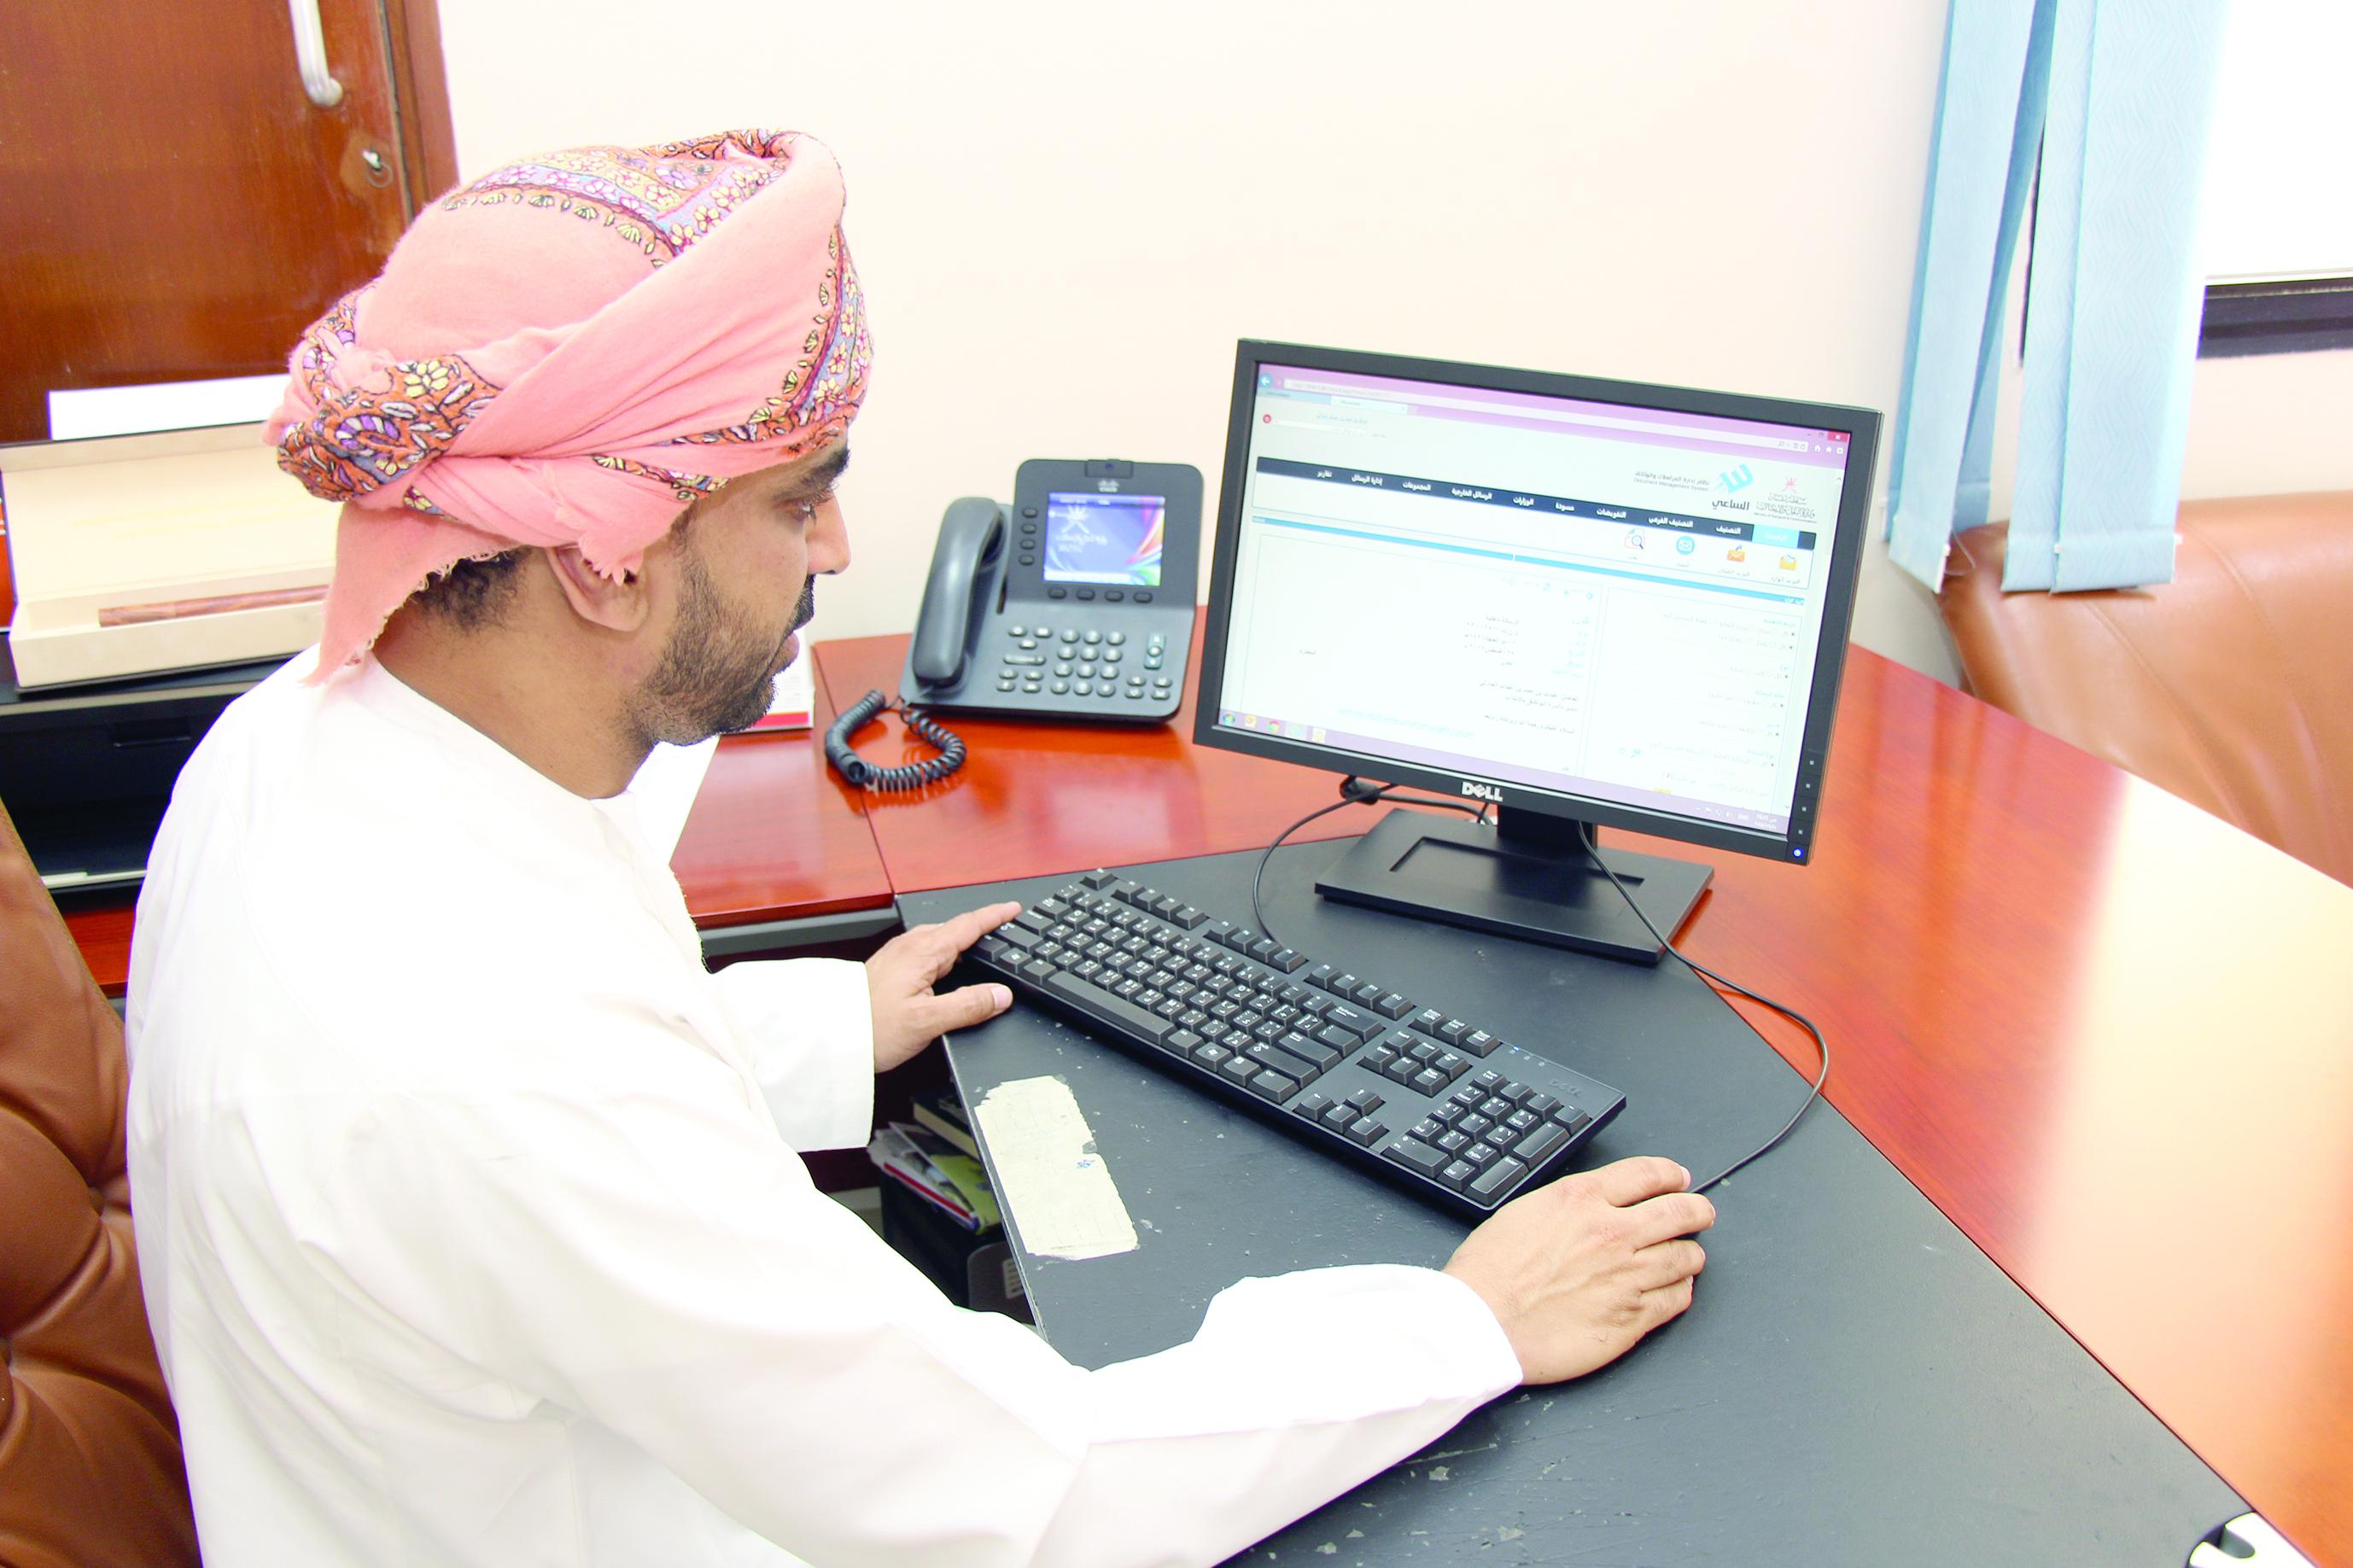 تبادل 1.5 مليون رسالة إلكترونية في «النقل والاتصالات»